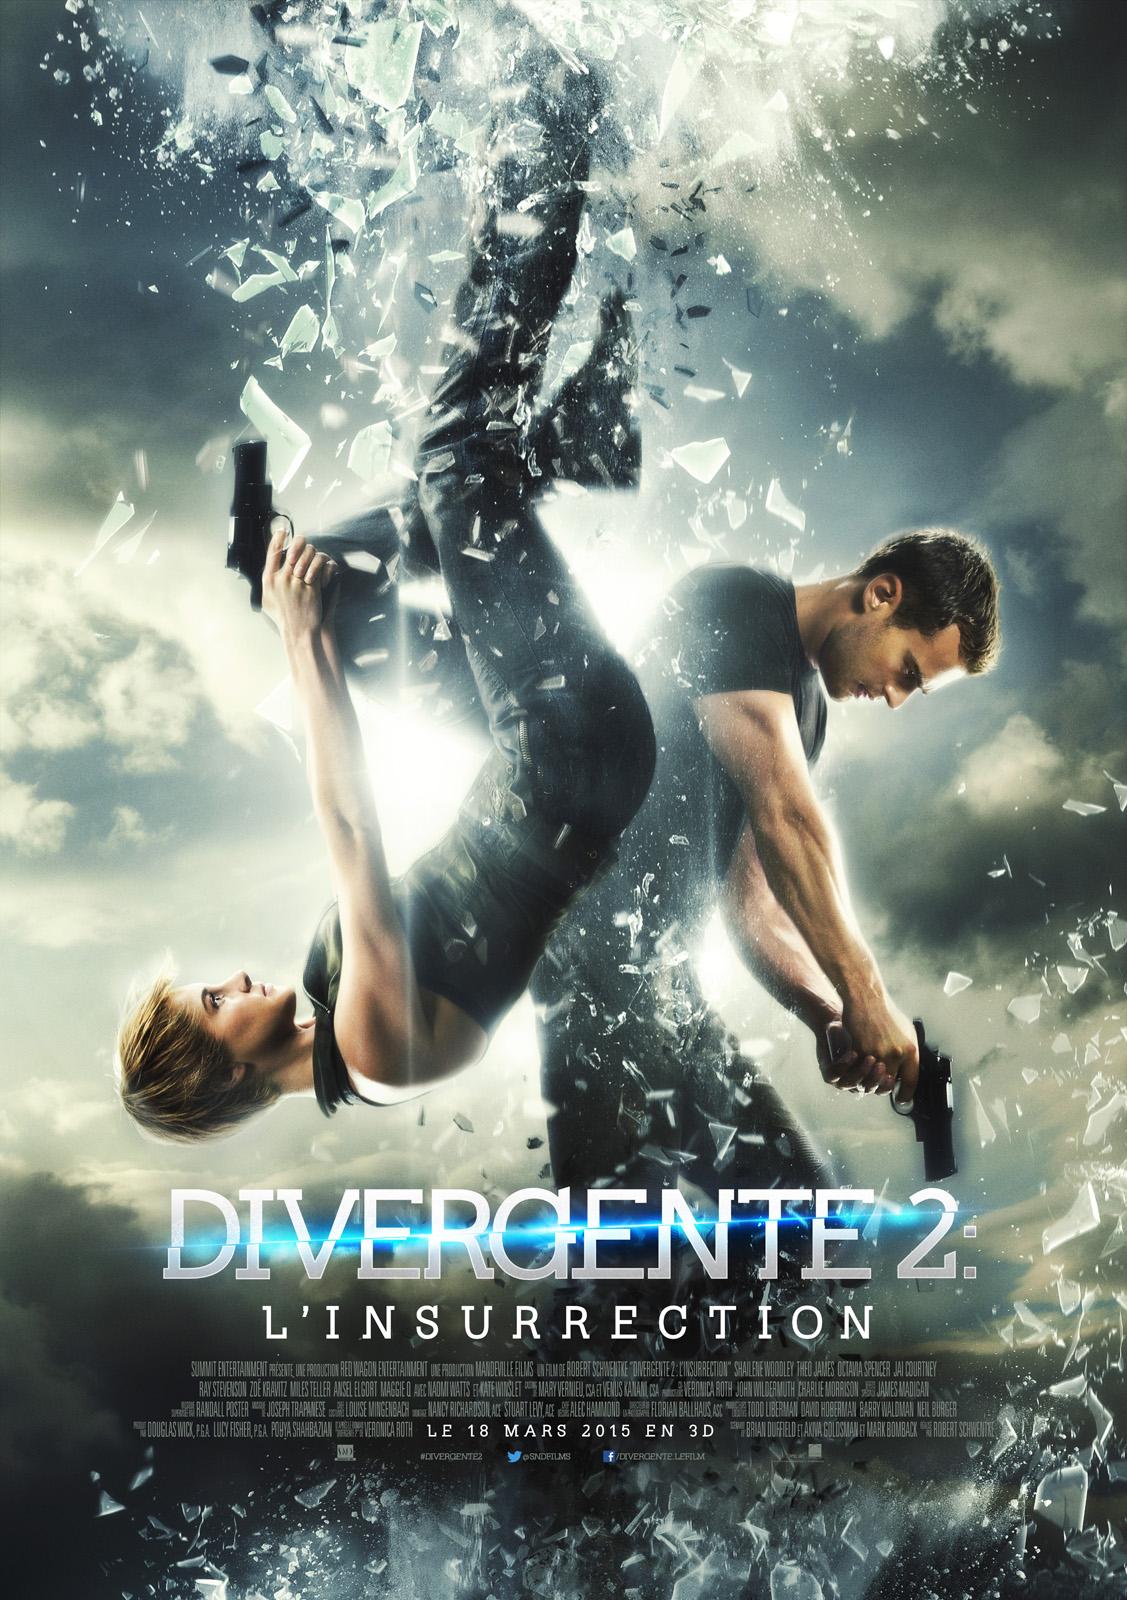 Divergente 2 Streaming Vf : divergente, streaming, Achat, Divergente, L'insurrection, AlloCiné